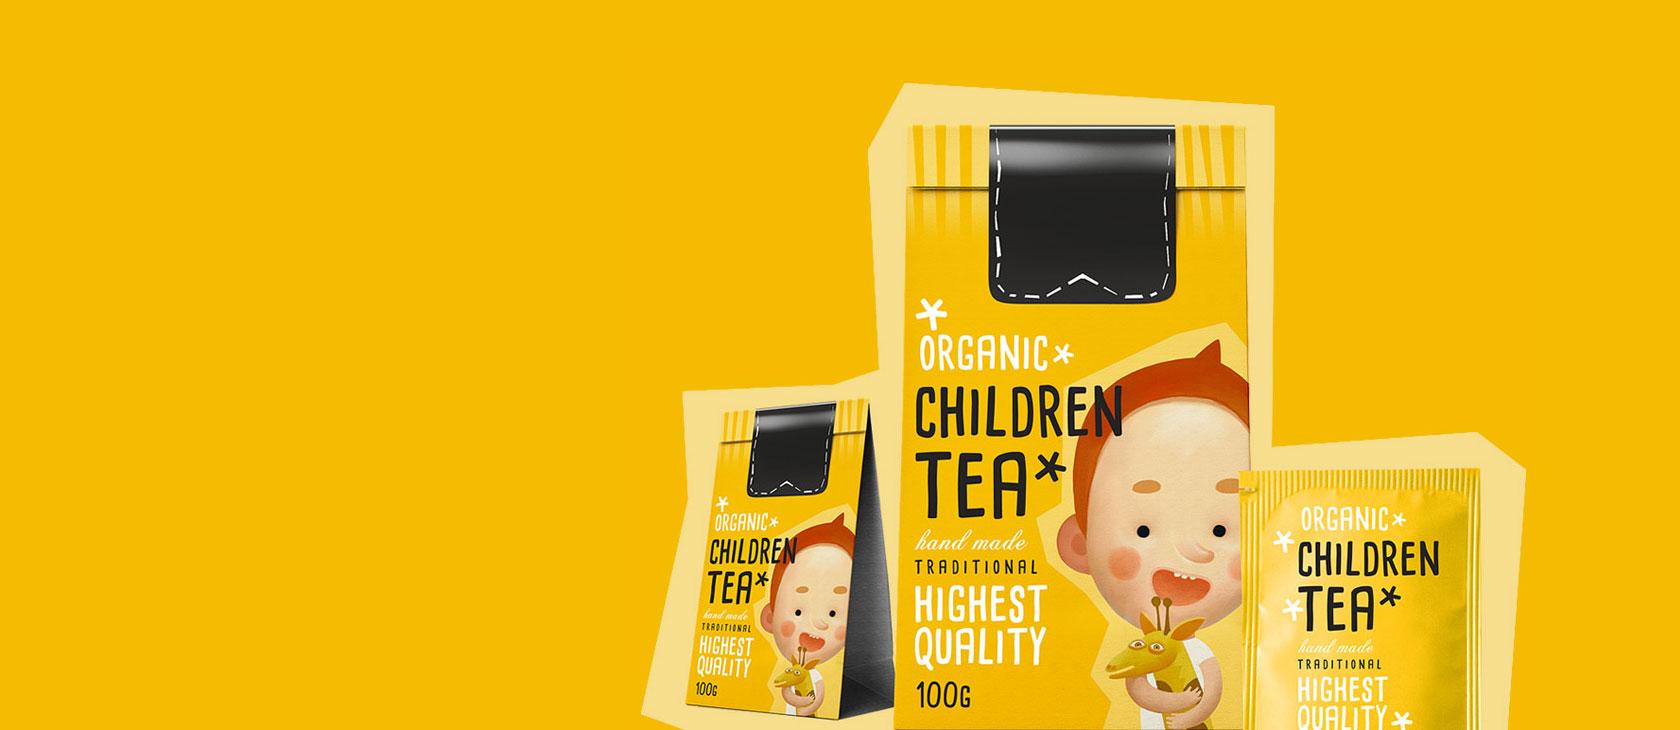 Branding a koncepcia obalov pre čaje